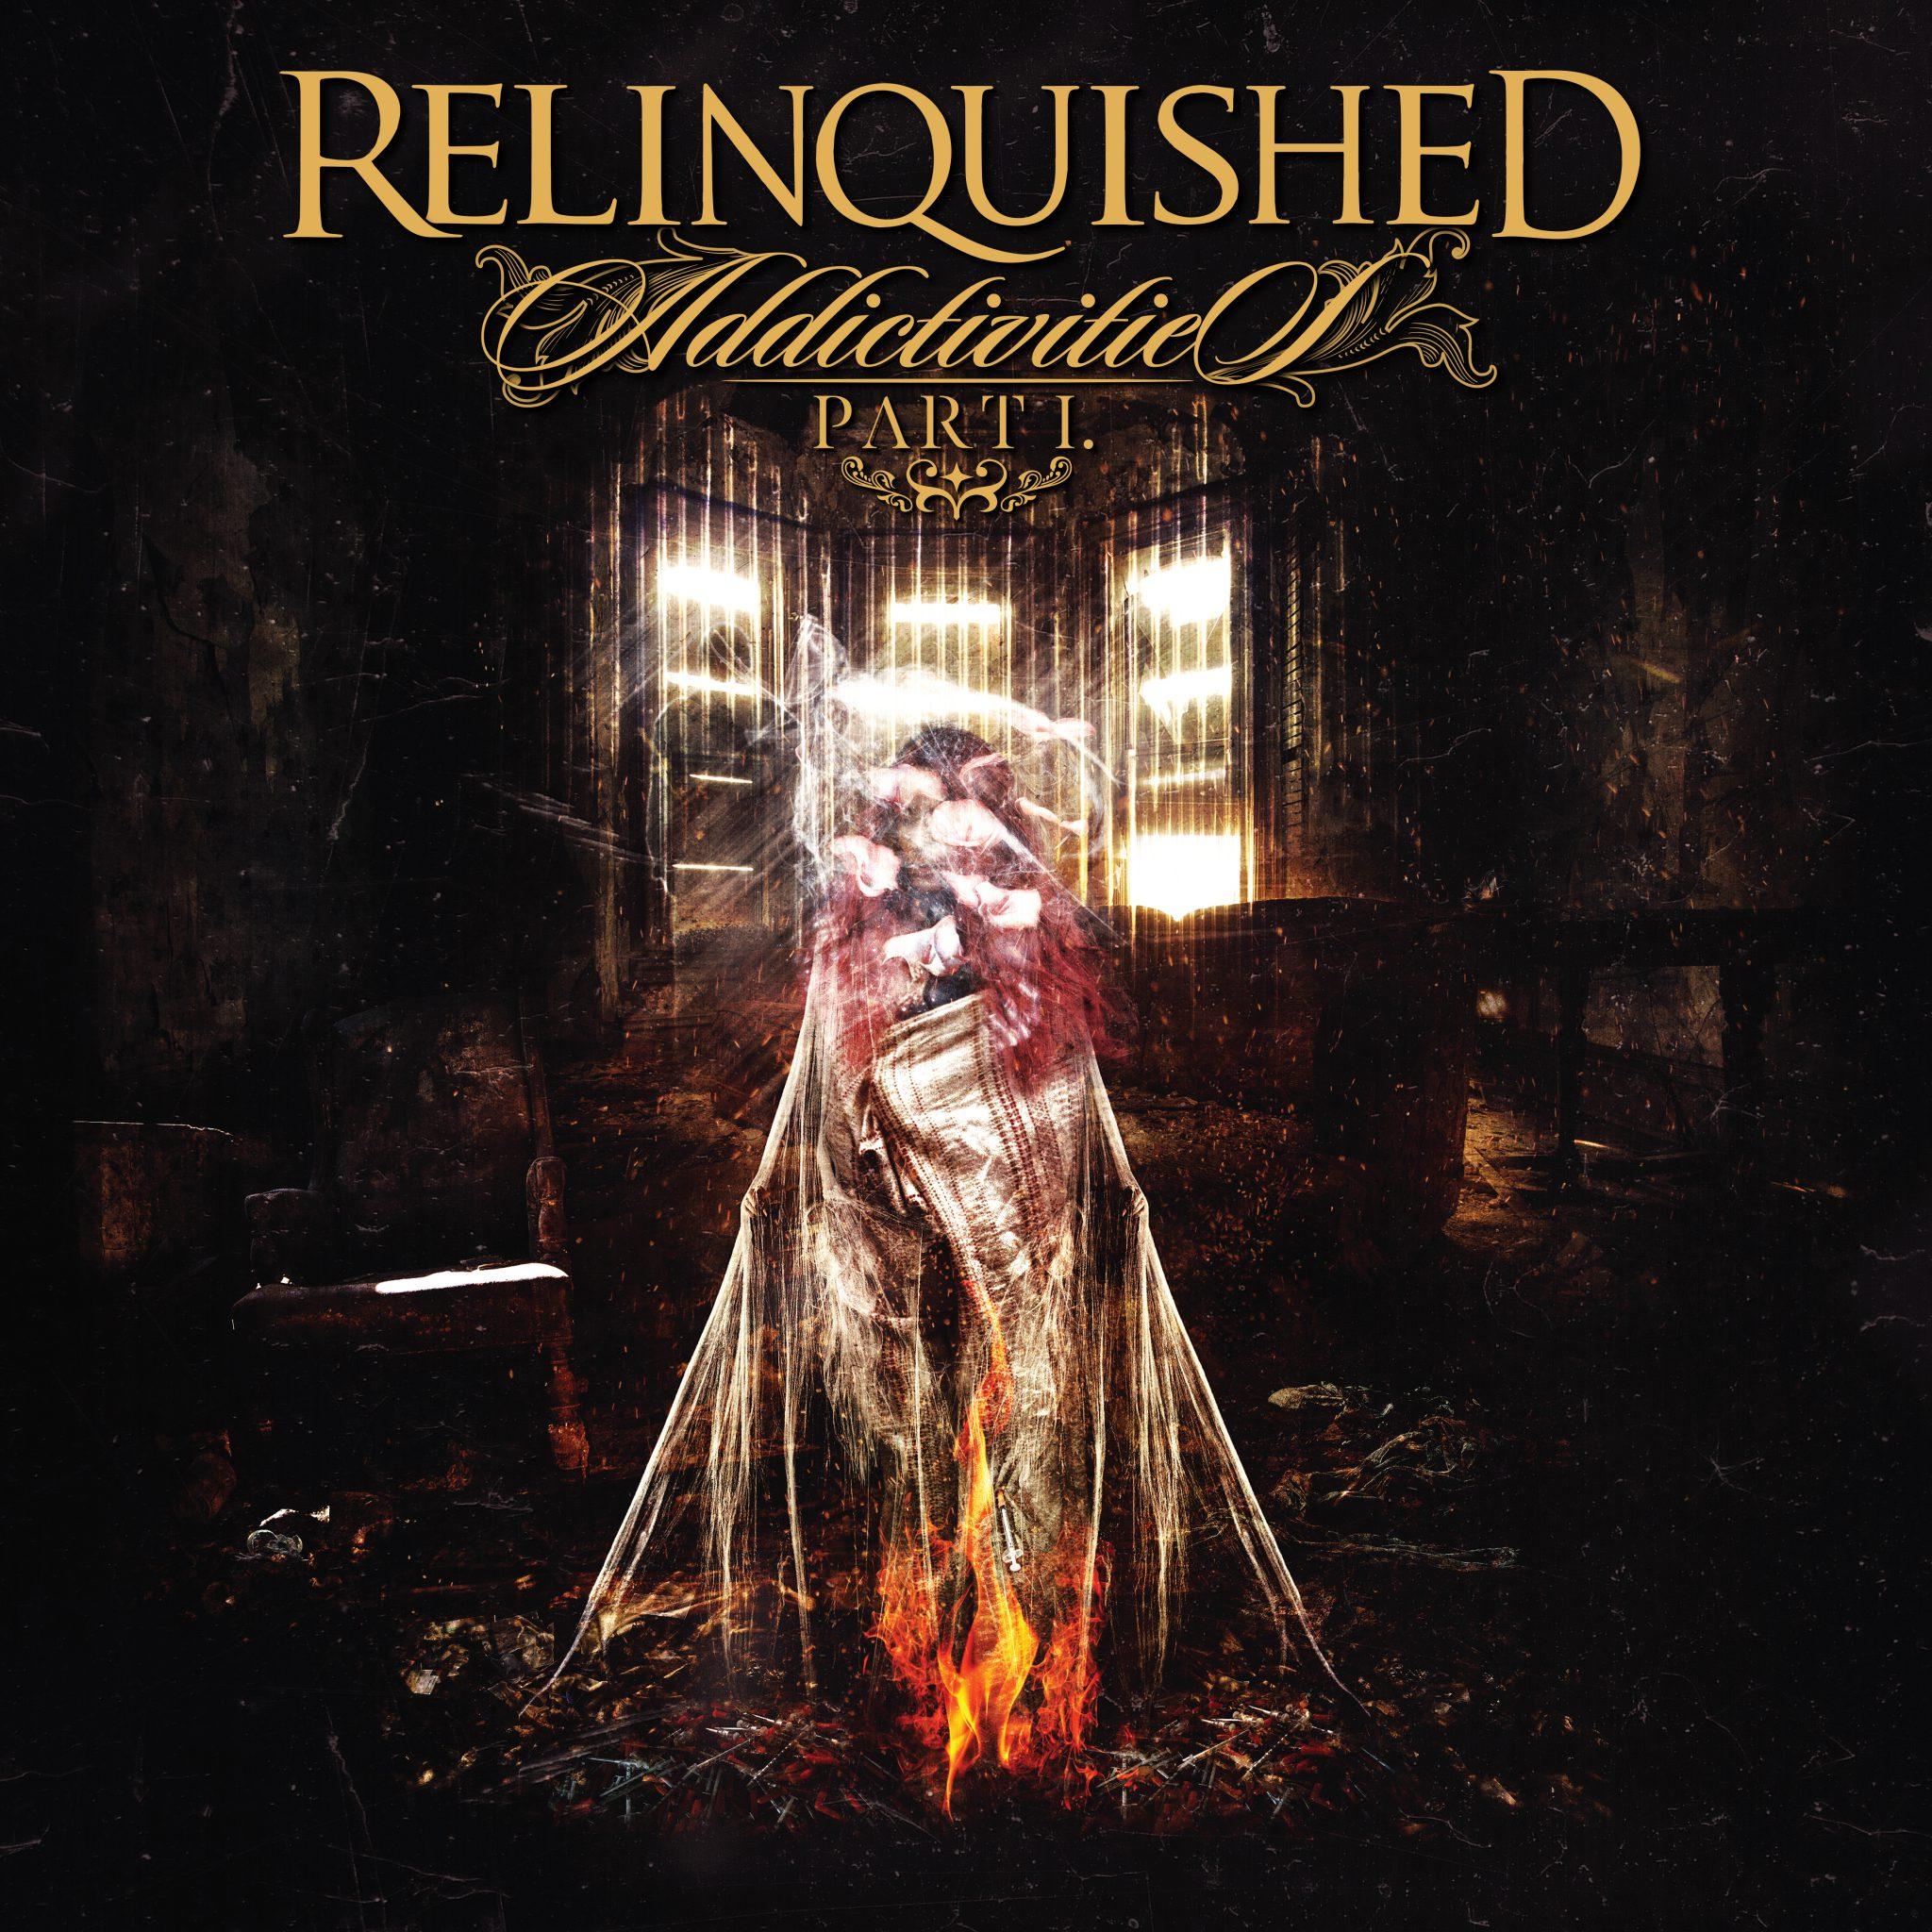 Relinquished – Addictivities (Pt. 1)